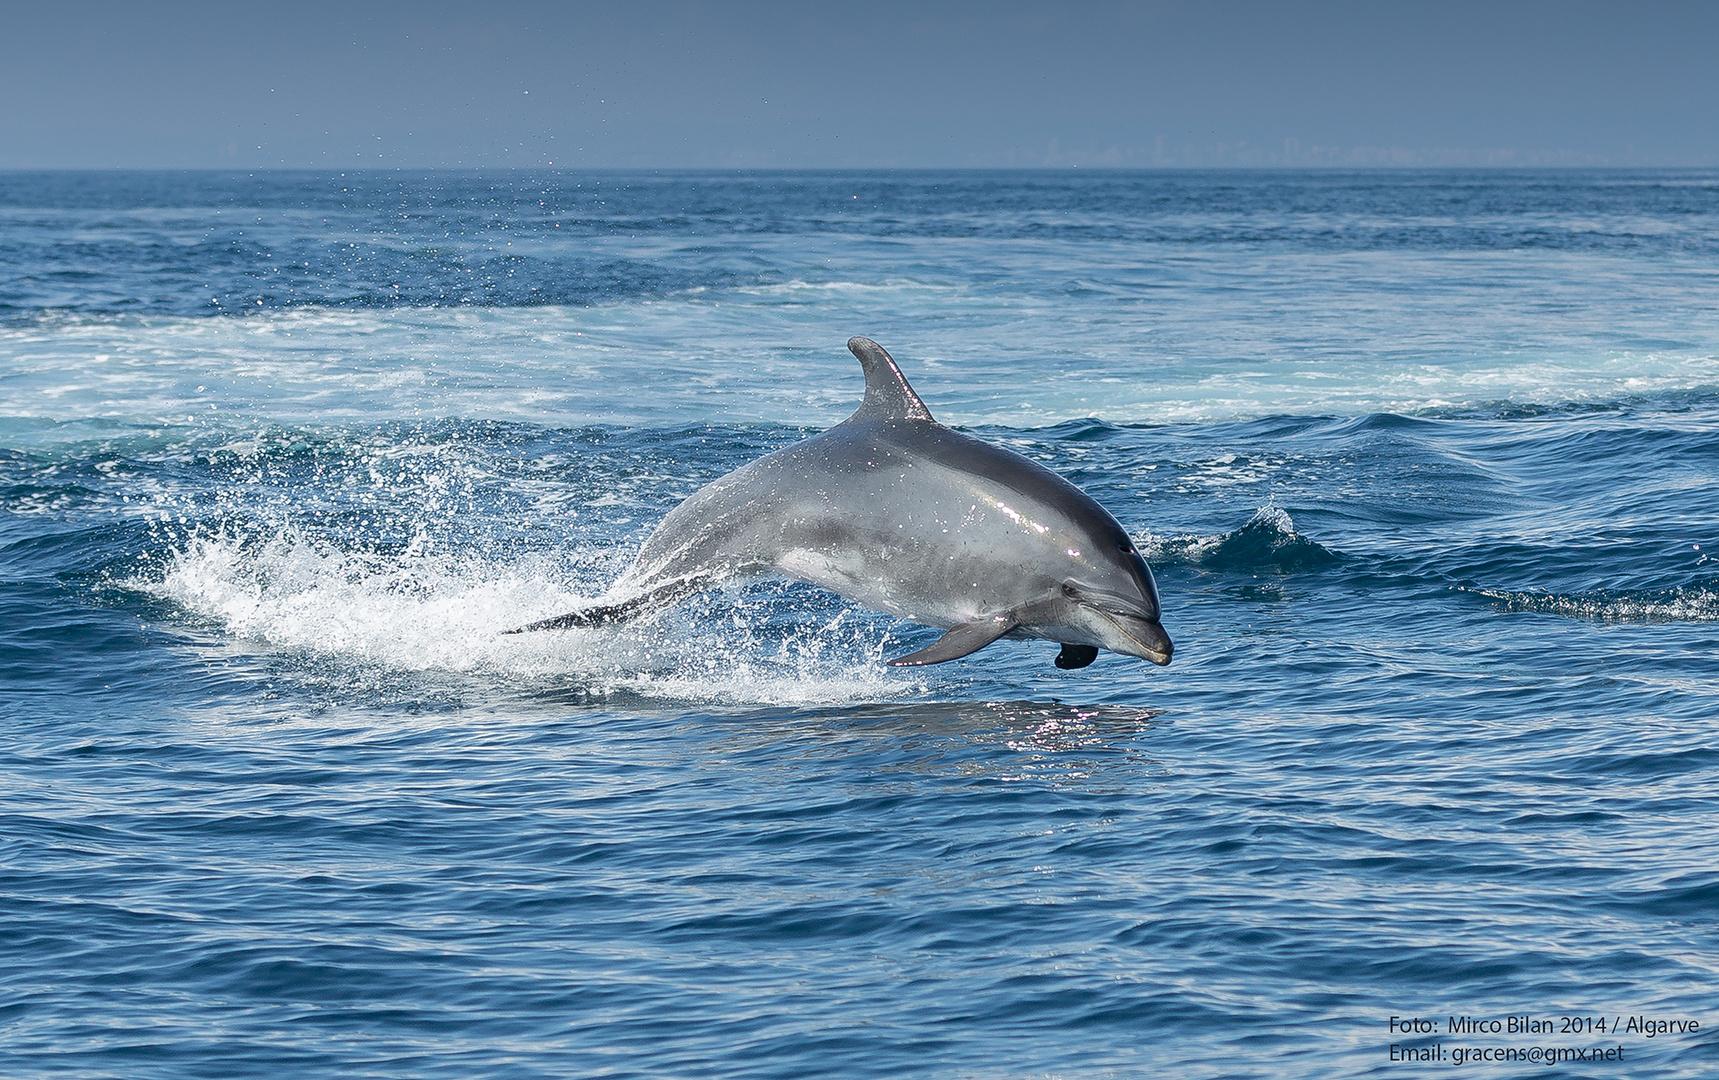 Delphin vor der Küste Portugals